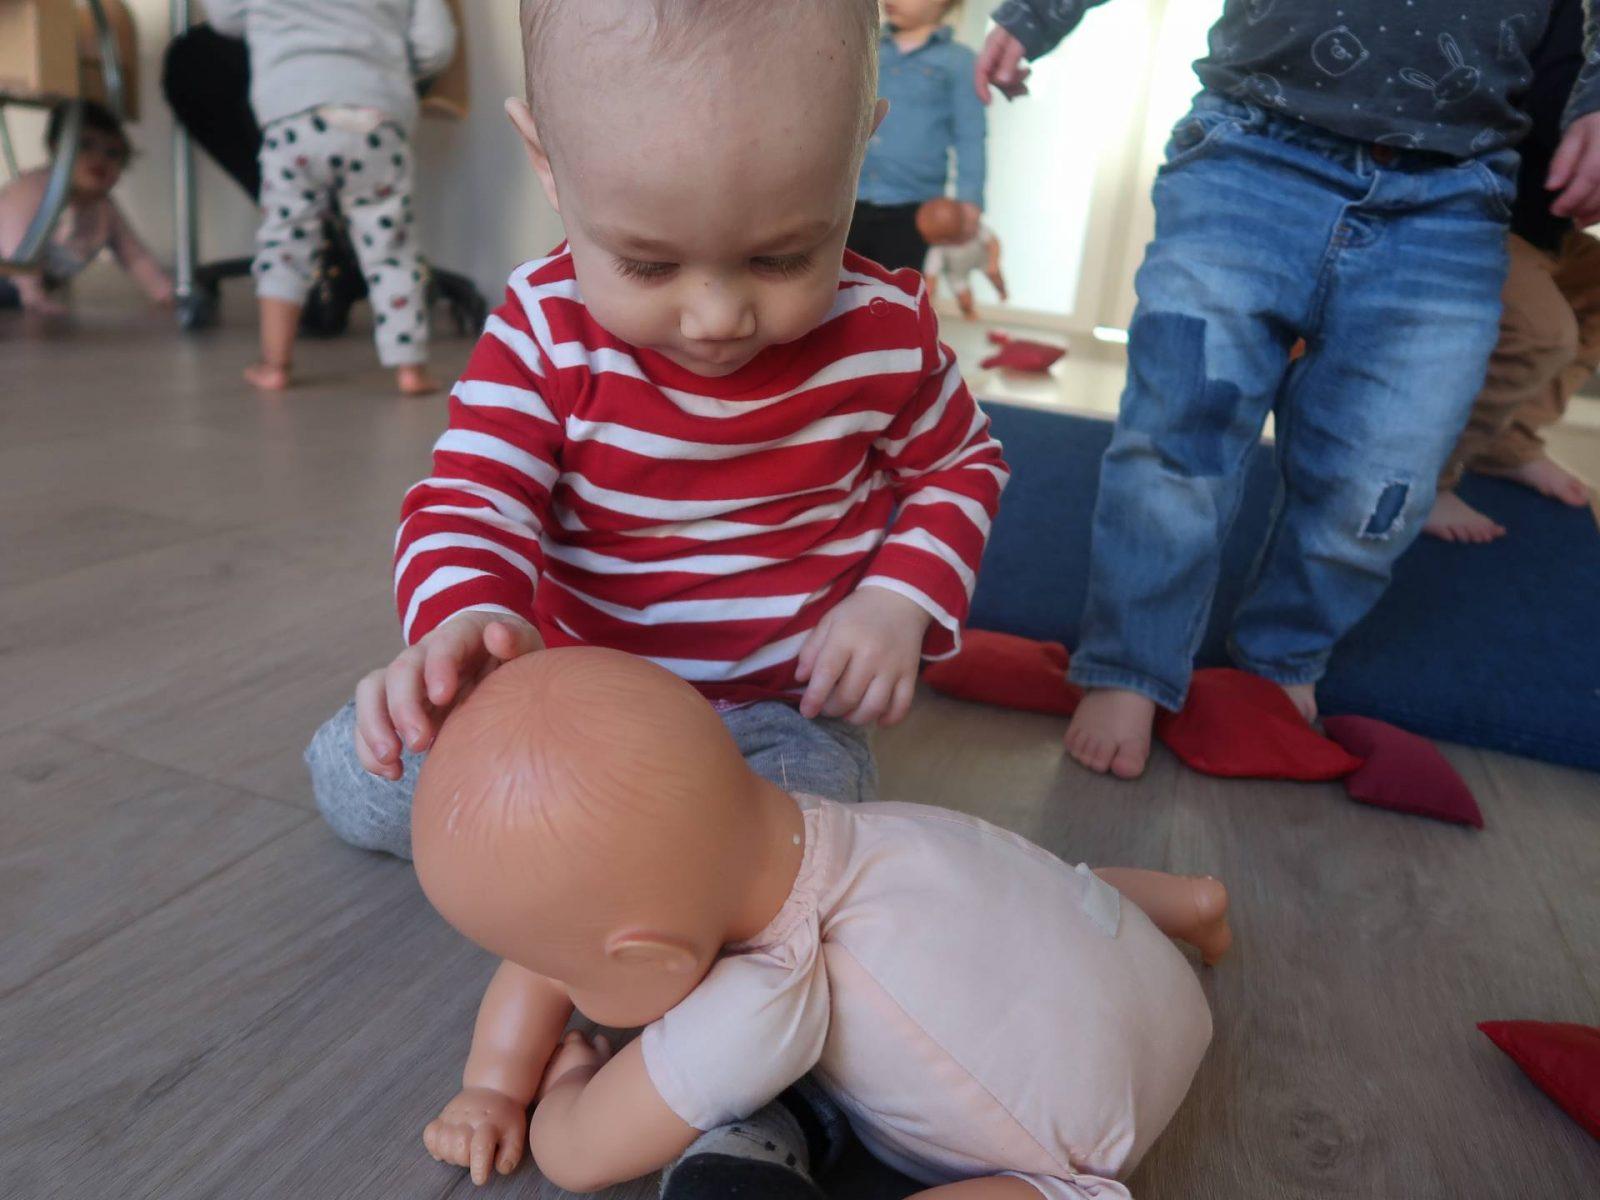 Vijf dingen die ik leer(de) van Maddox' kinderdagverblijf